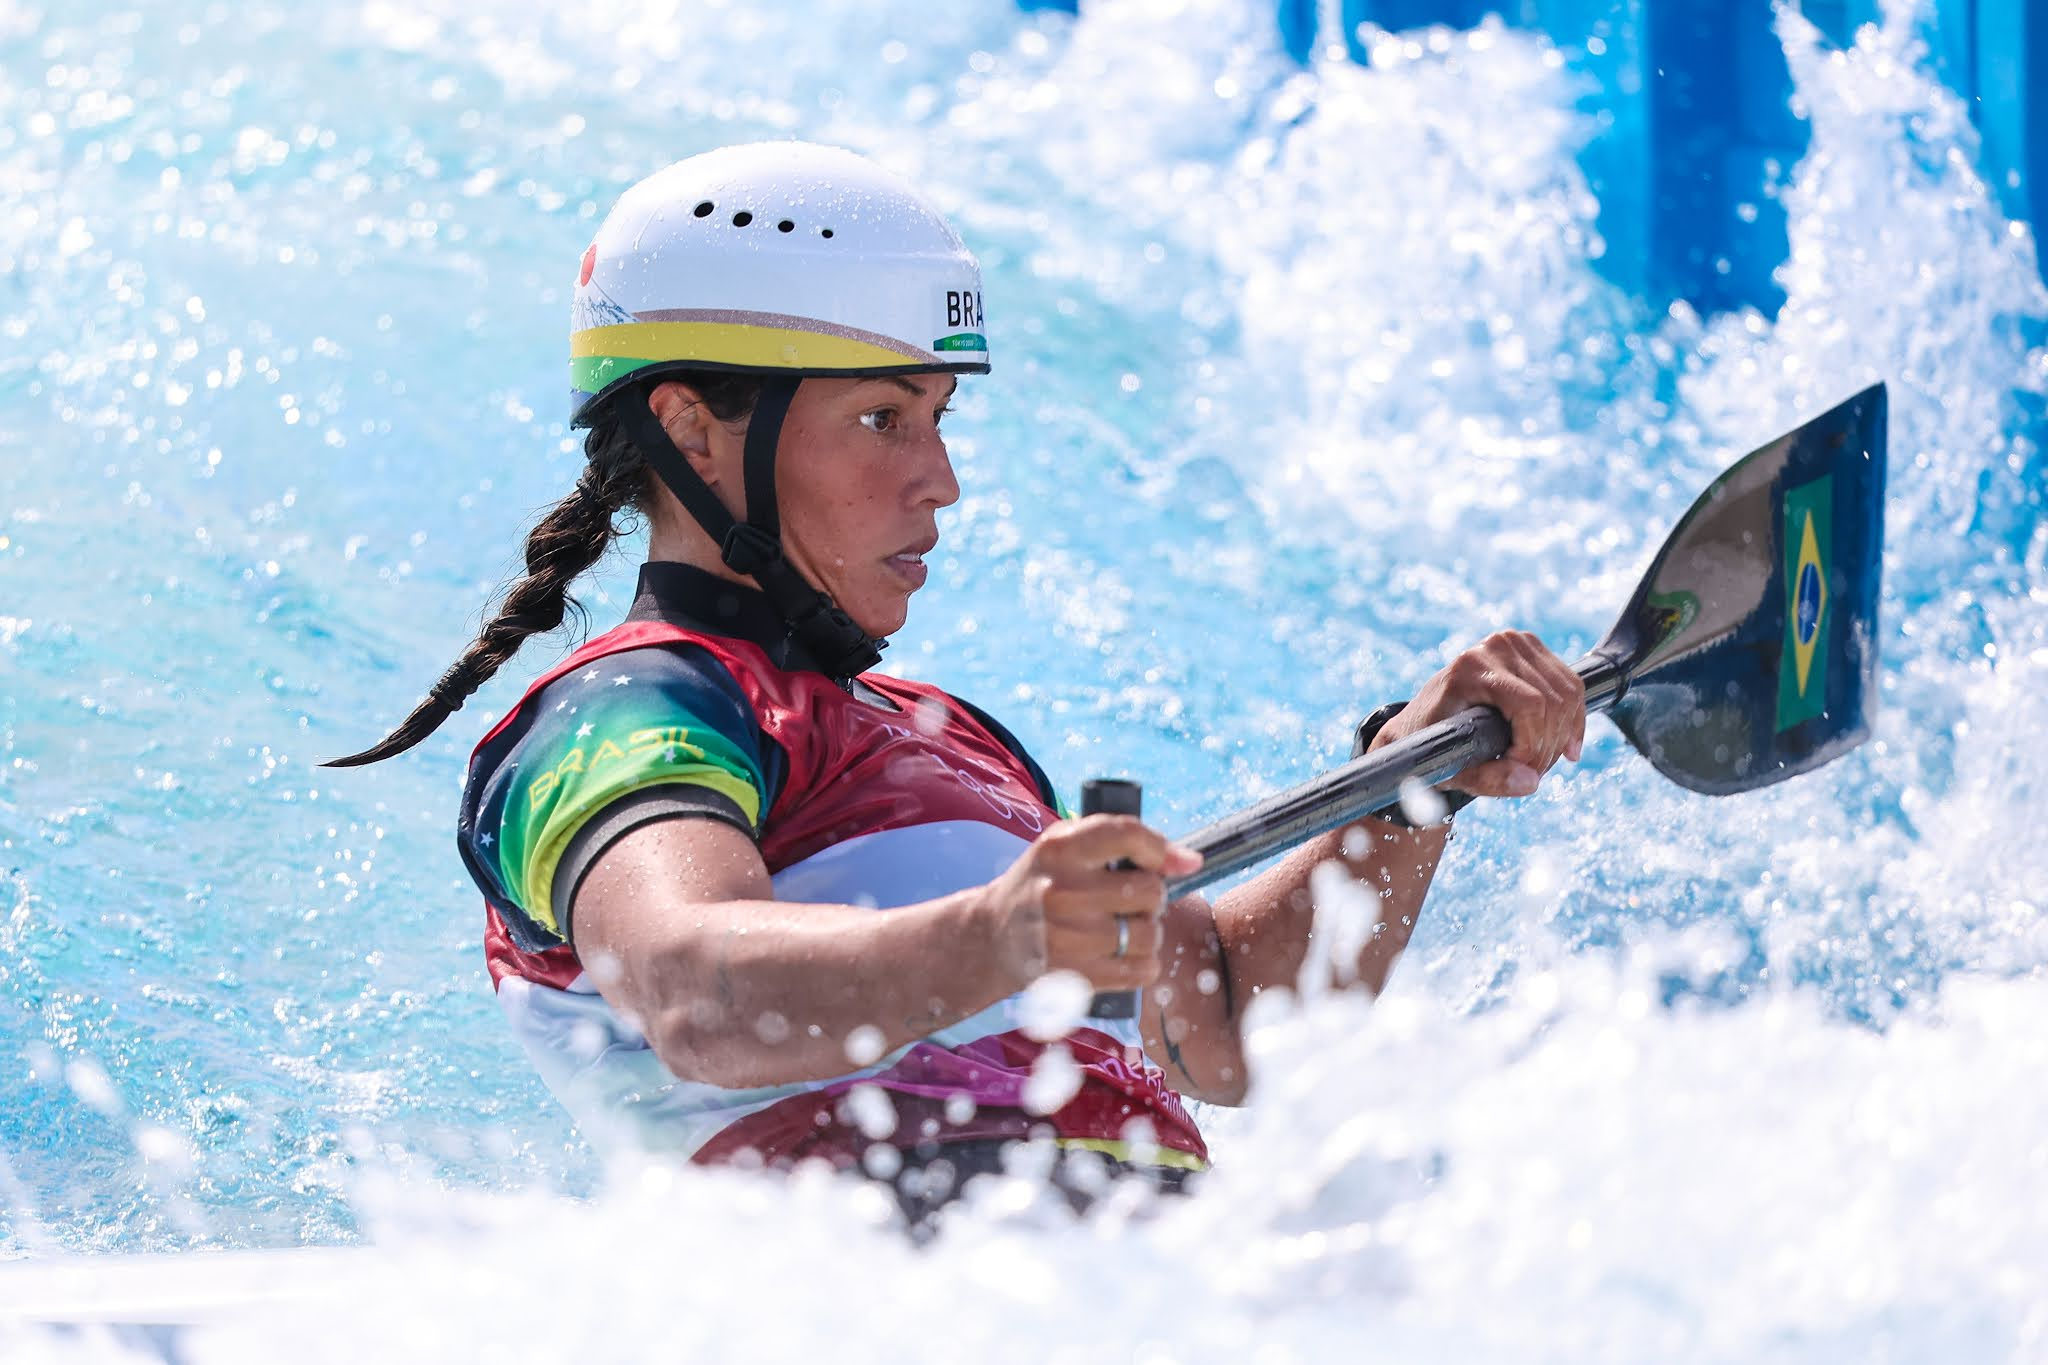 Ana Sátila competindo na canoa